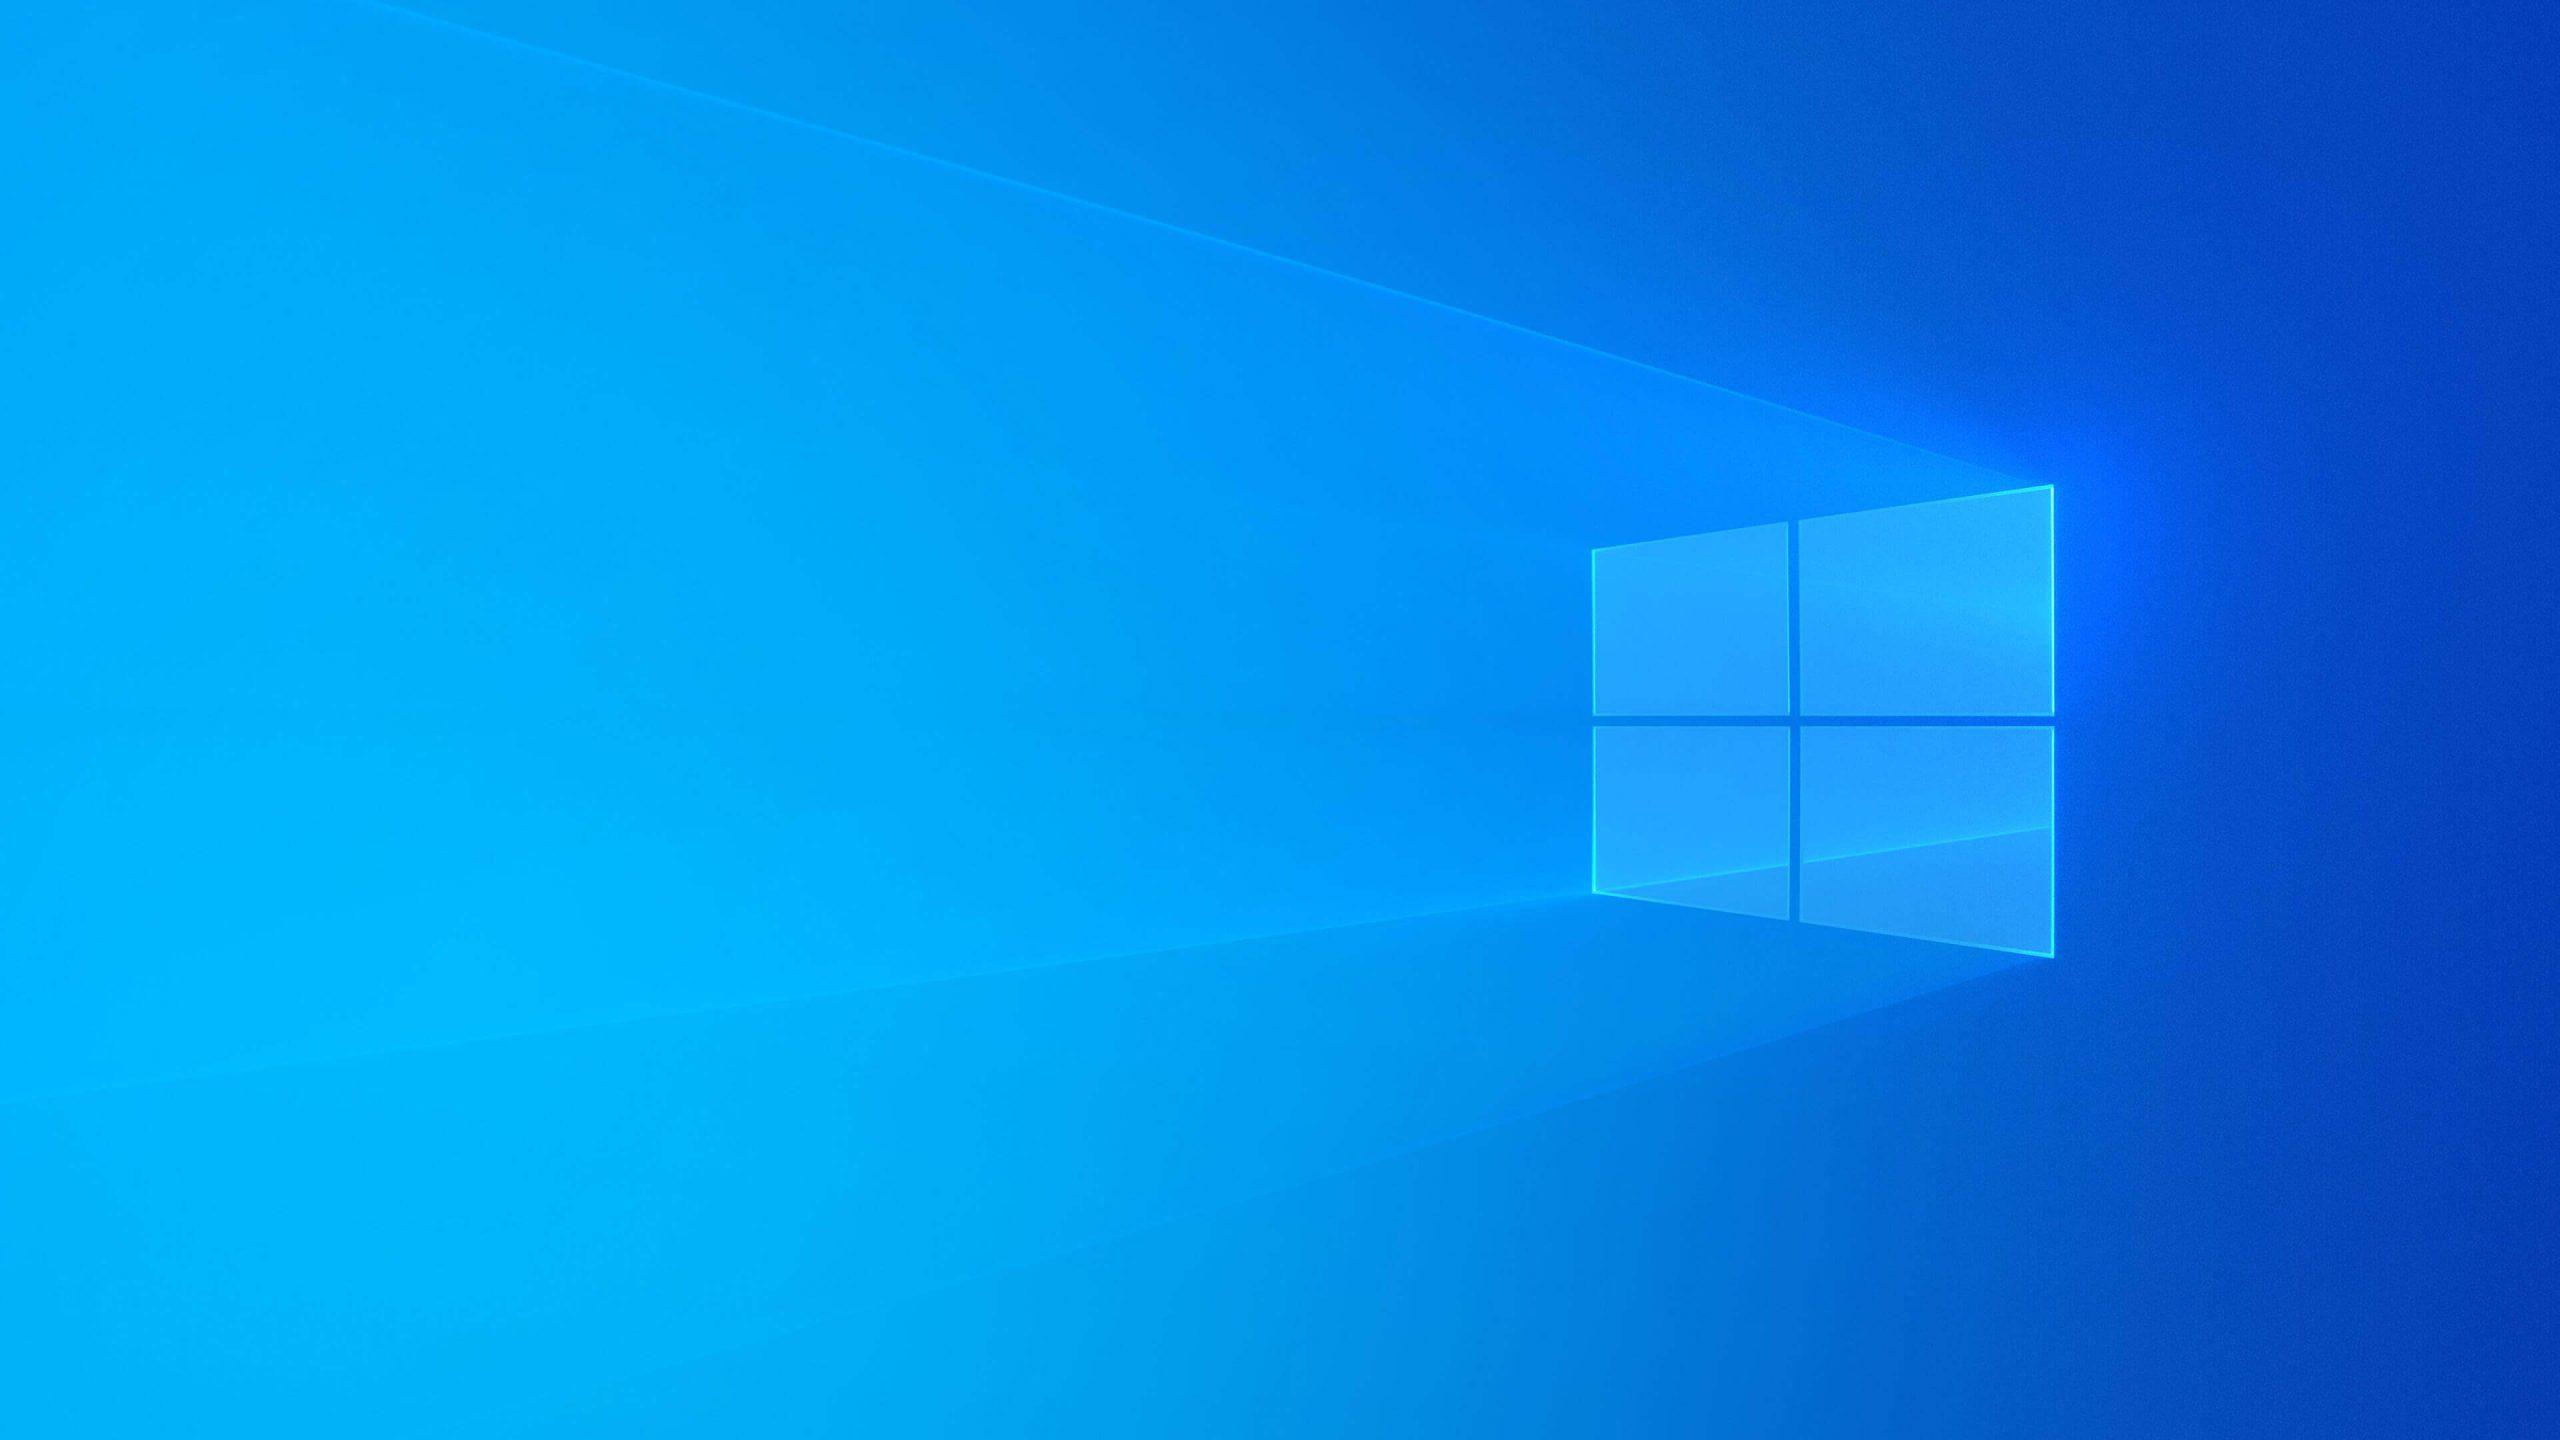 wonderful Windows 10x Wallpaper